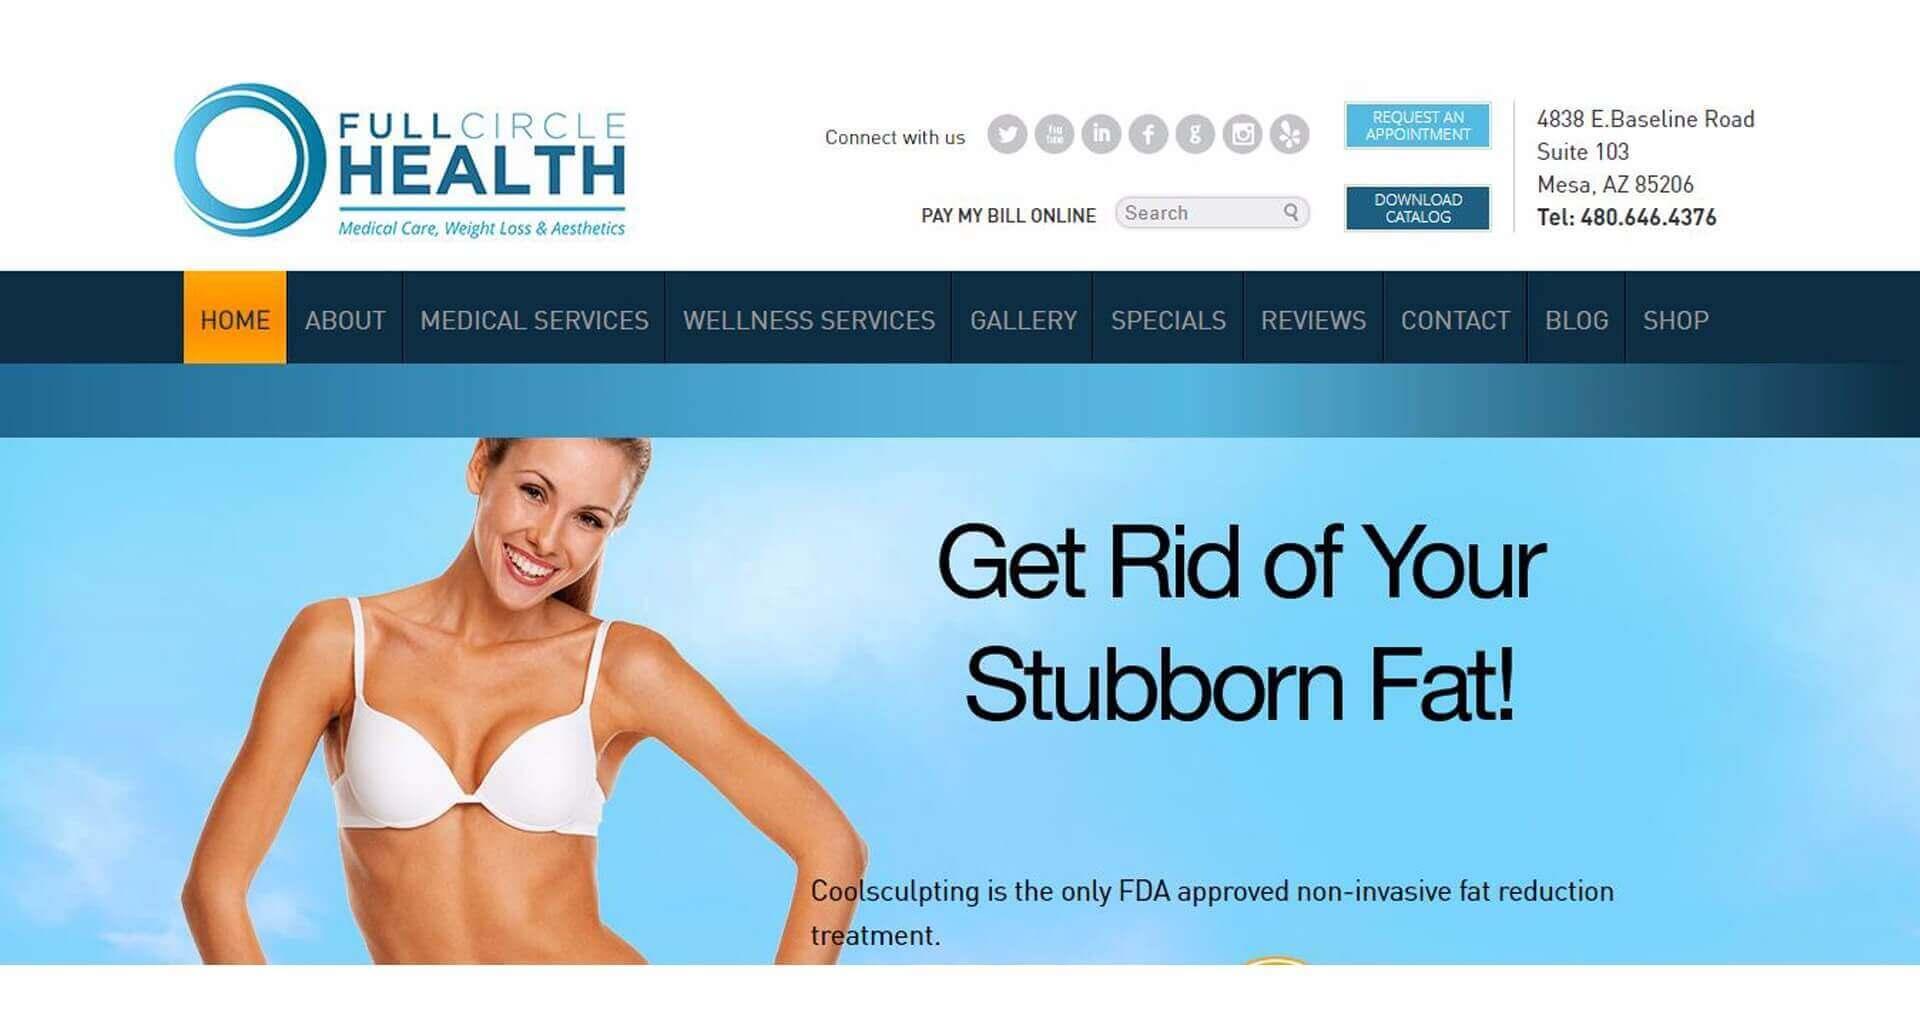 Full Circle Health AZ - Case Study